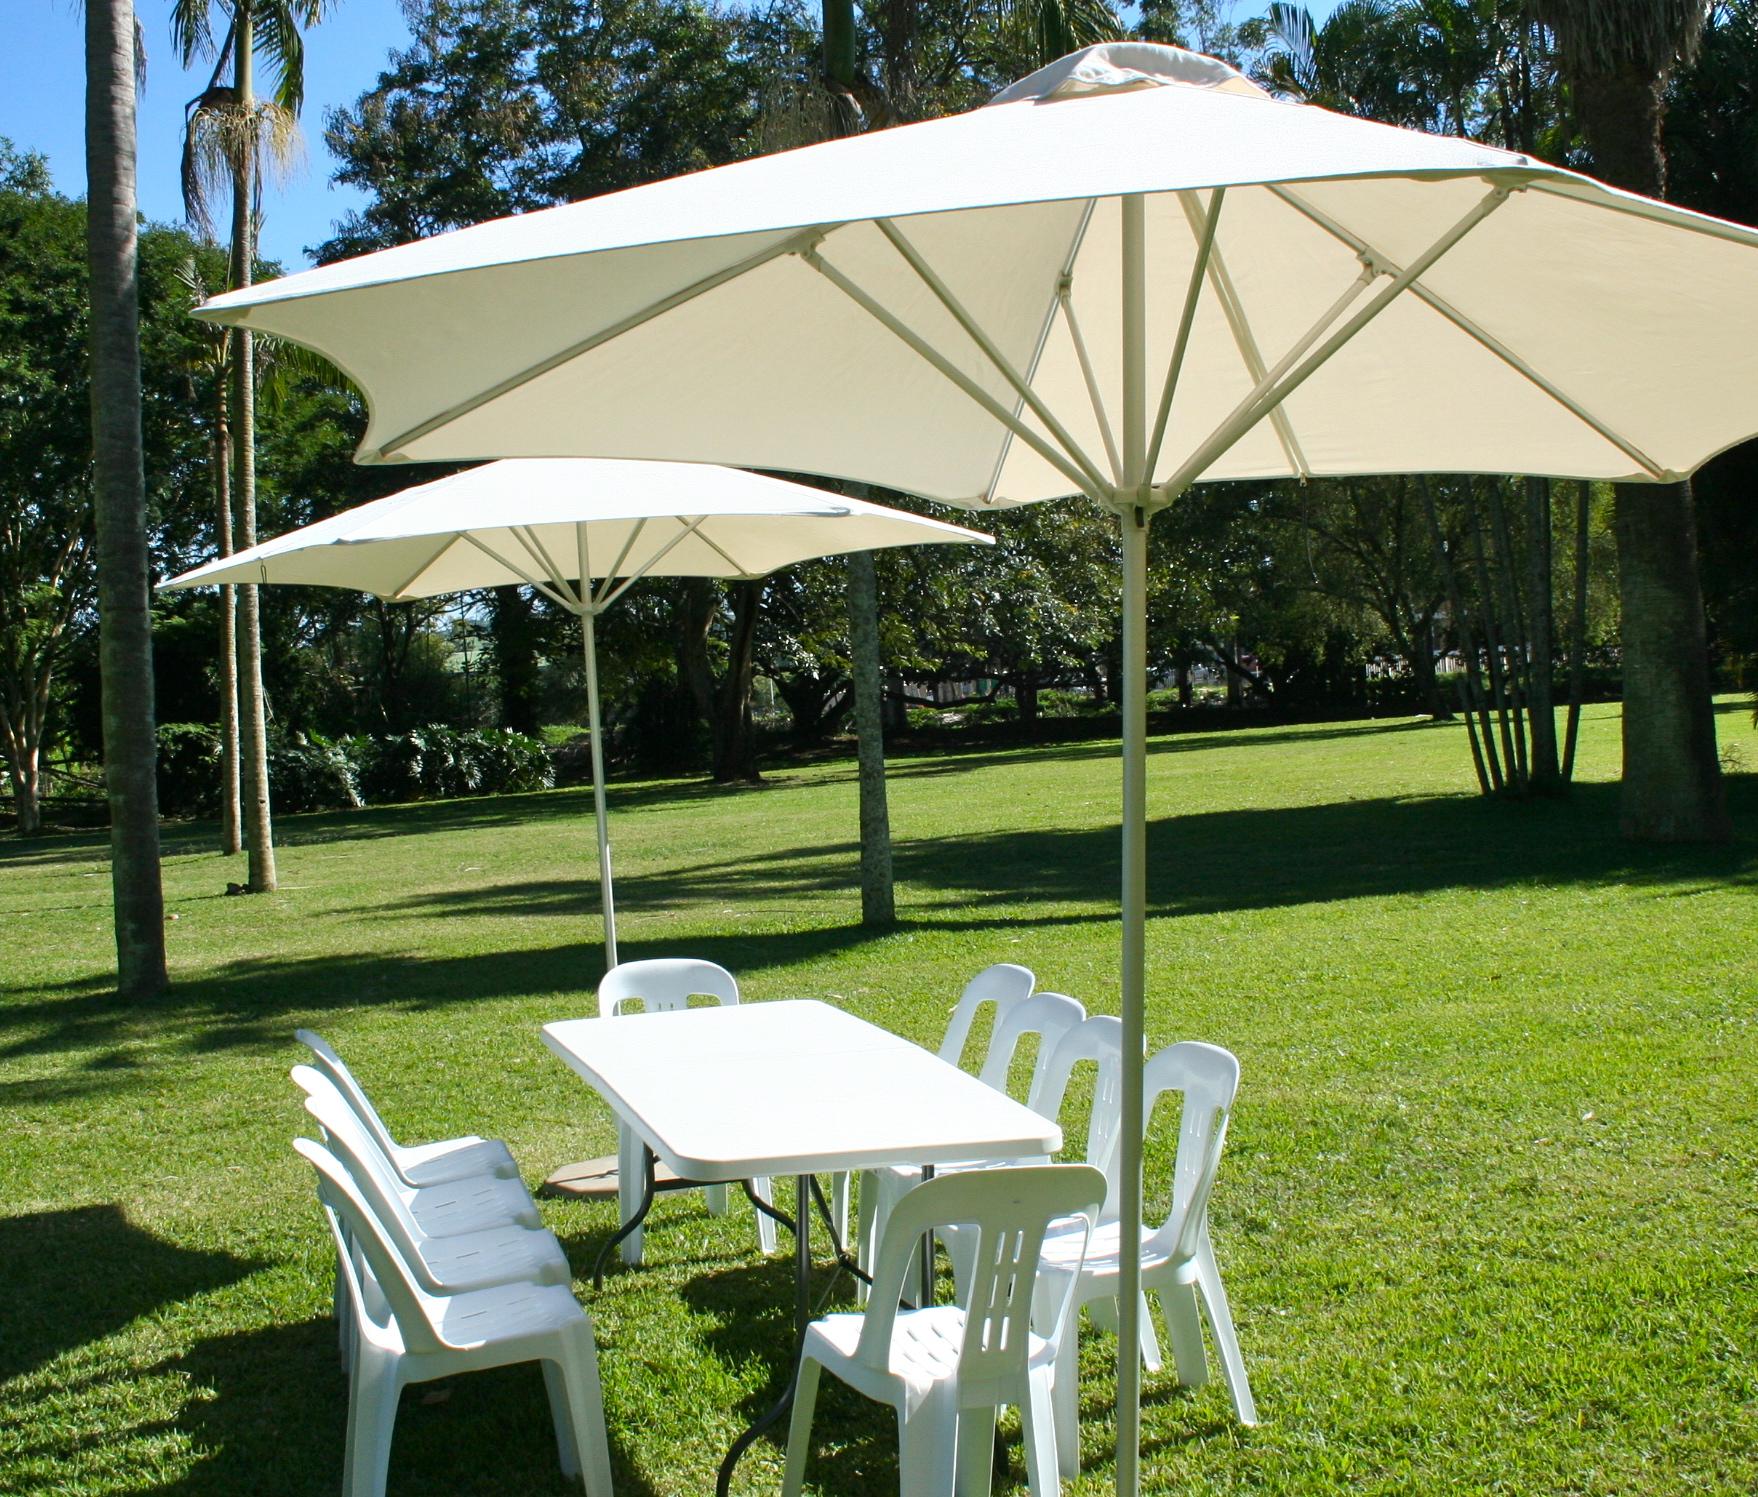 colorful garden umbrellas make your patio attractive by using a colorful garden umbrella - ETMIDNG